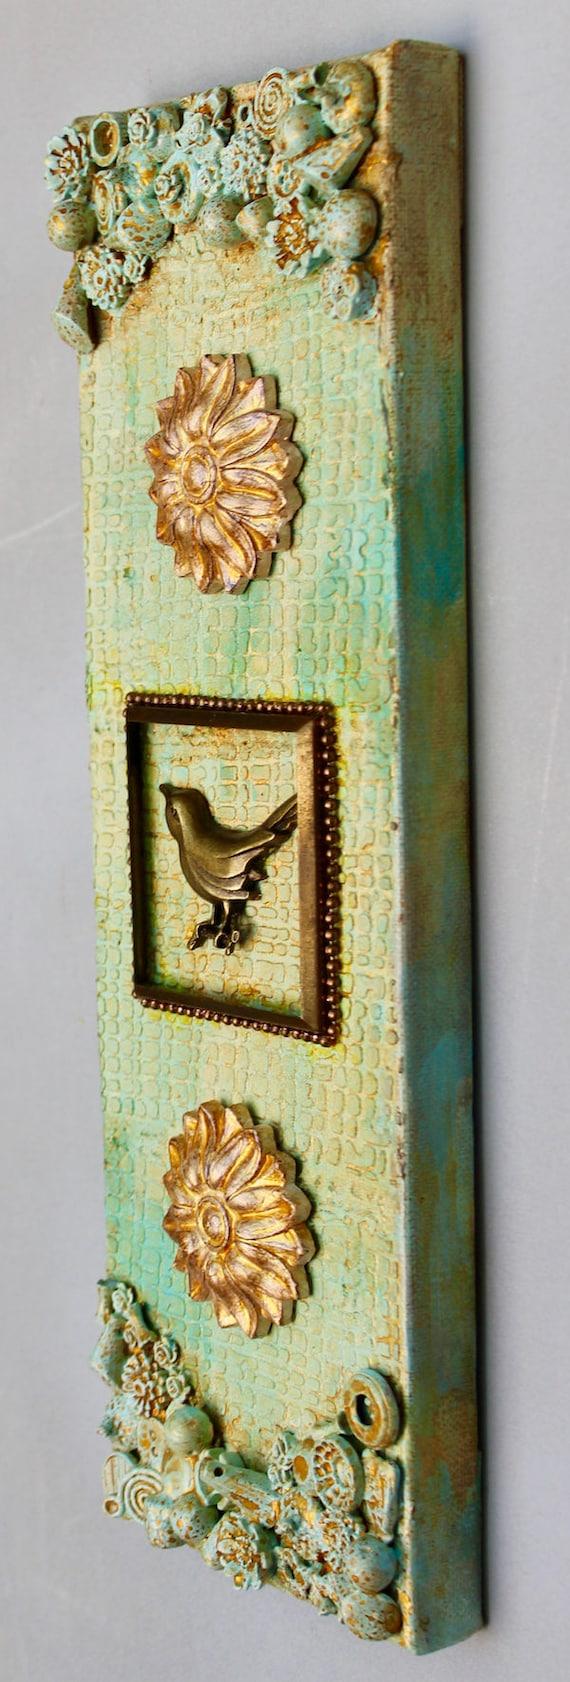 3D Bird Art Original Wall Art Mixed Media Bird Art One